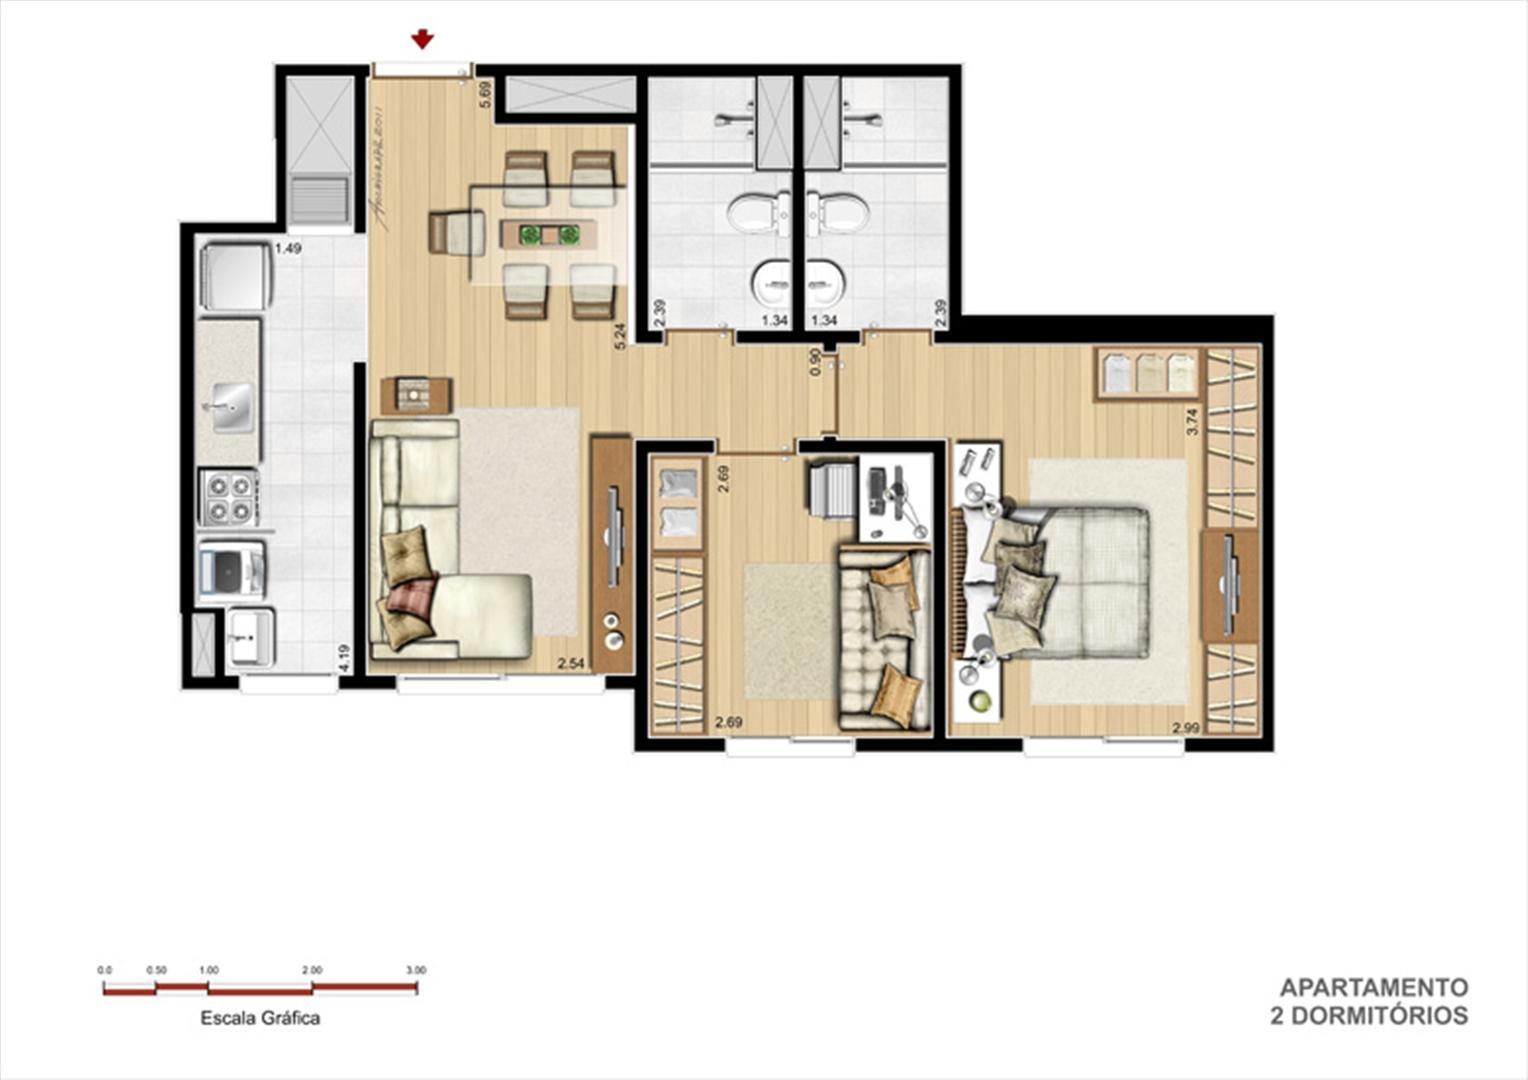 Planta 2dorm | You Condomínio Clube – Apartamento  próximo ao Zaffari Center Lar - Porto Alegre - Rio Grande do Sul